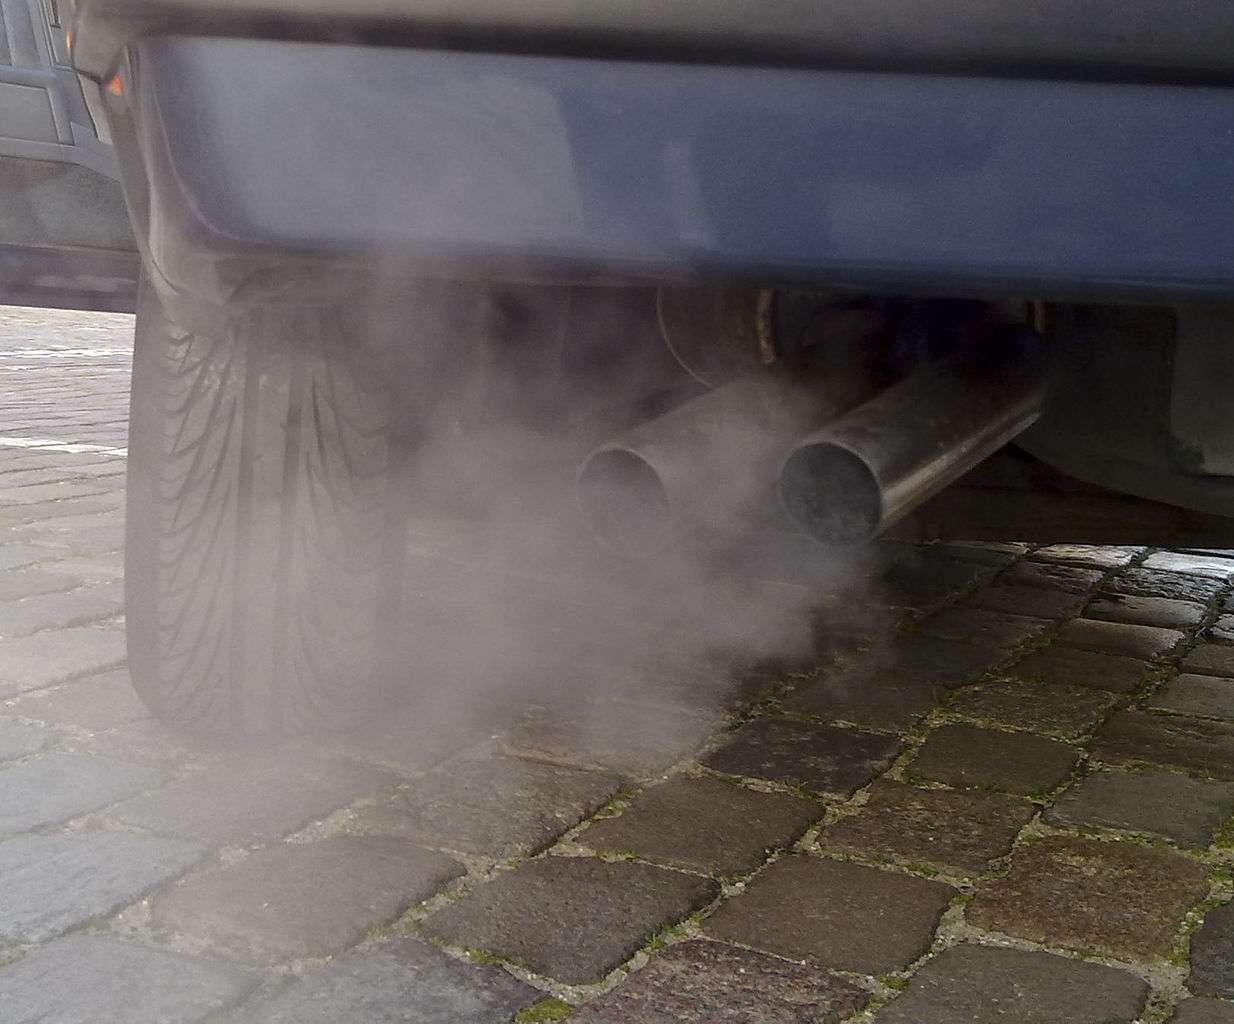 La France fait face à un pic de pollution, à tel point que dans une trentaine de villes de France, les automobilistes sont invités à privilégier les transports en commun, gratuits pour l'occasion. © Ruben de Rijcke, Wikipédia, cc by sa 3.0